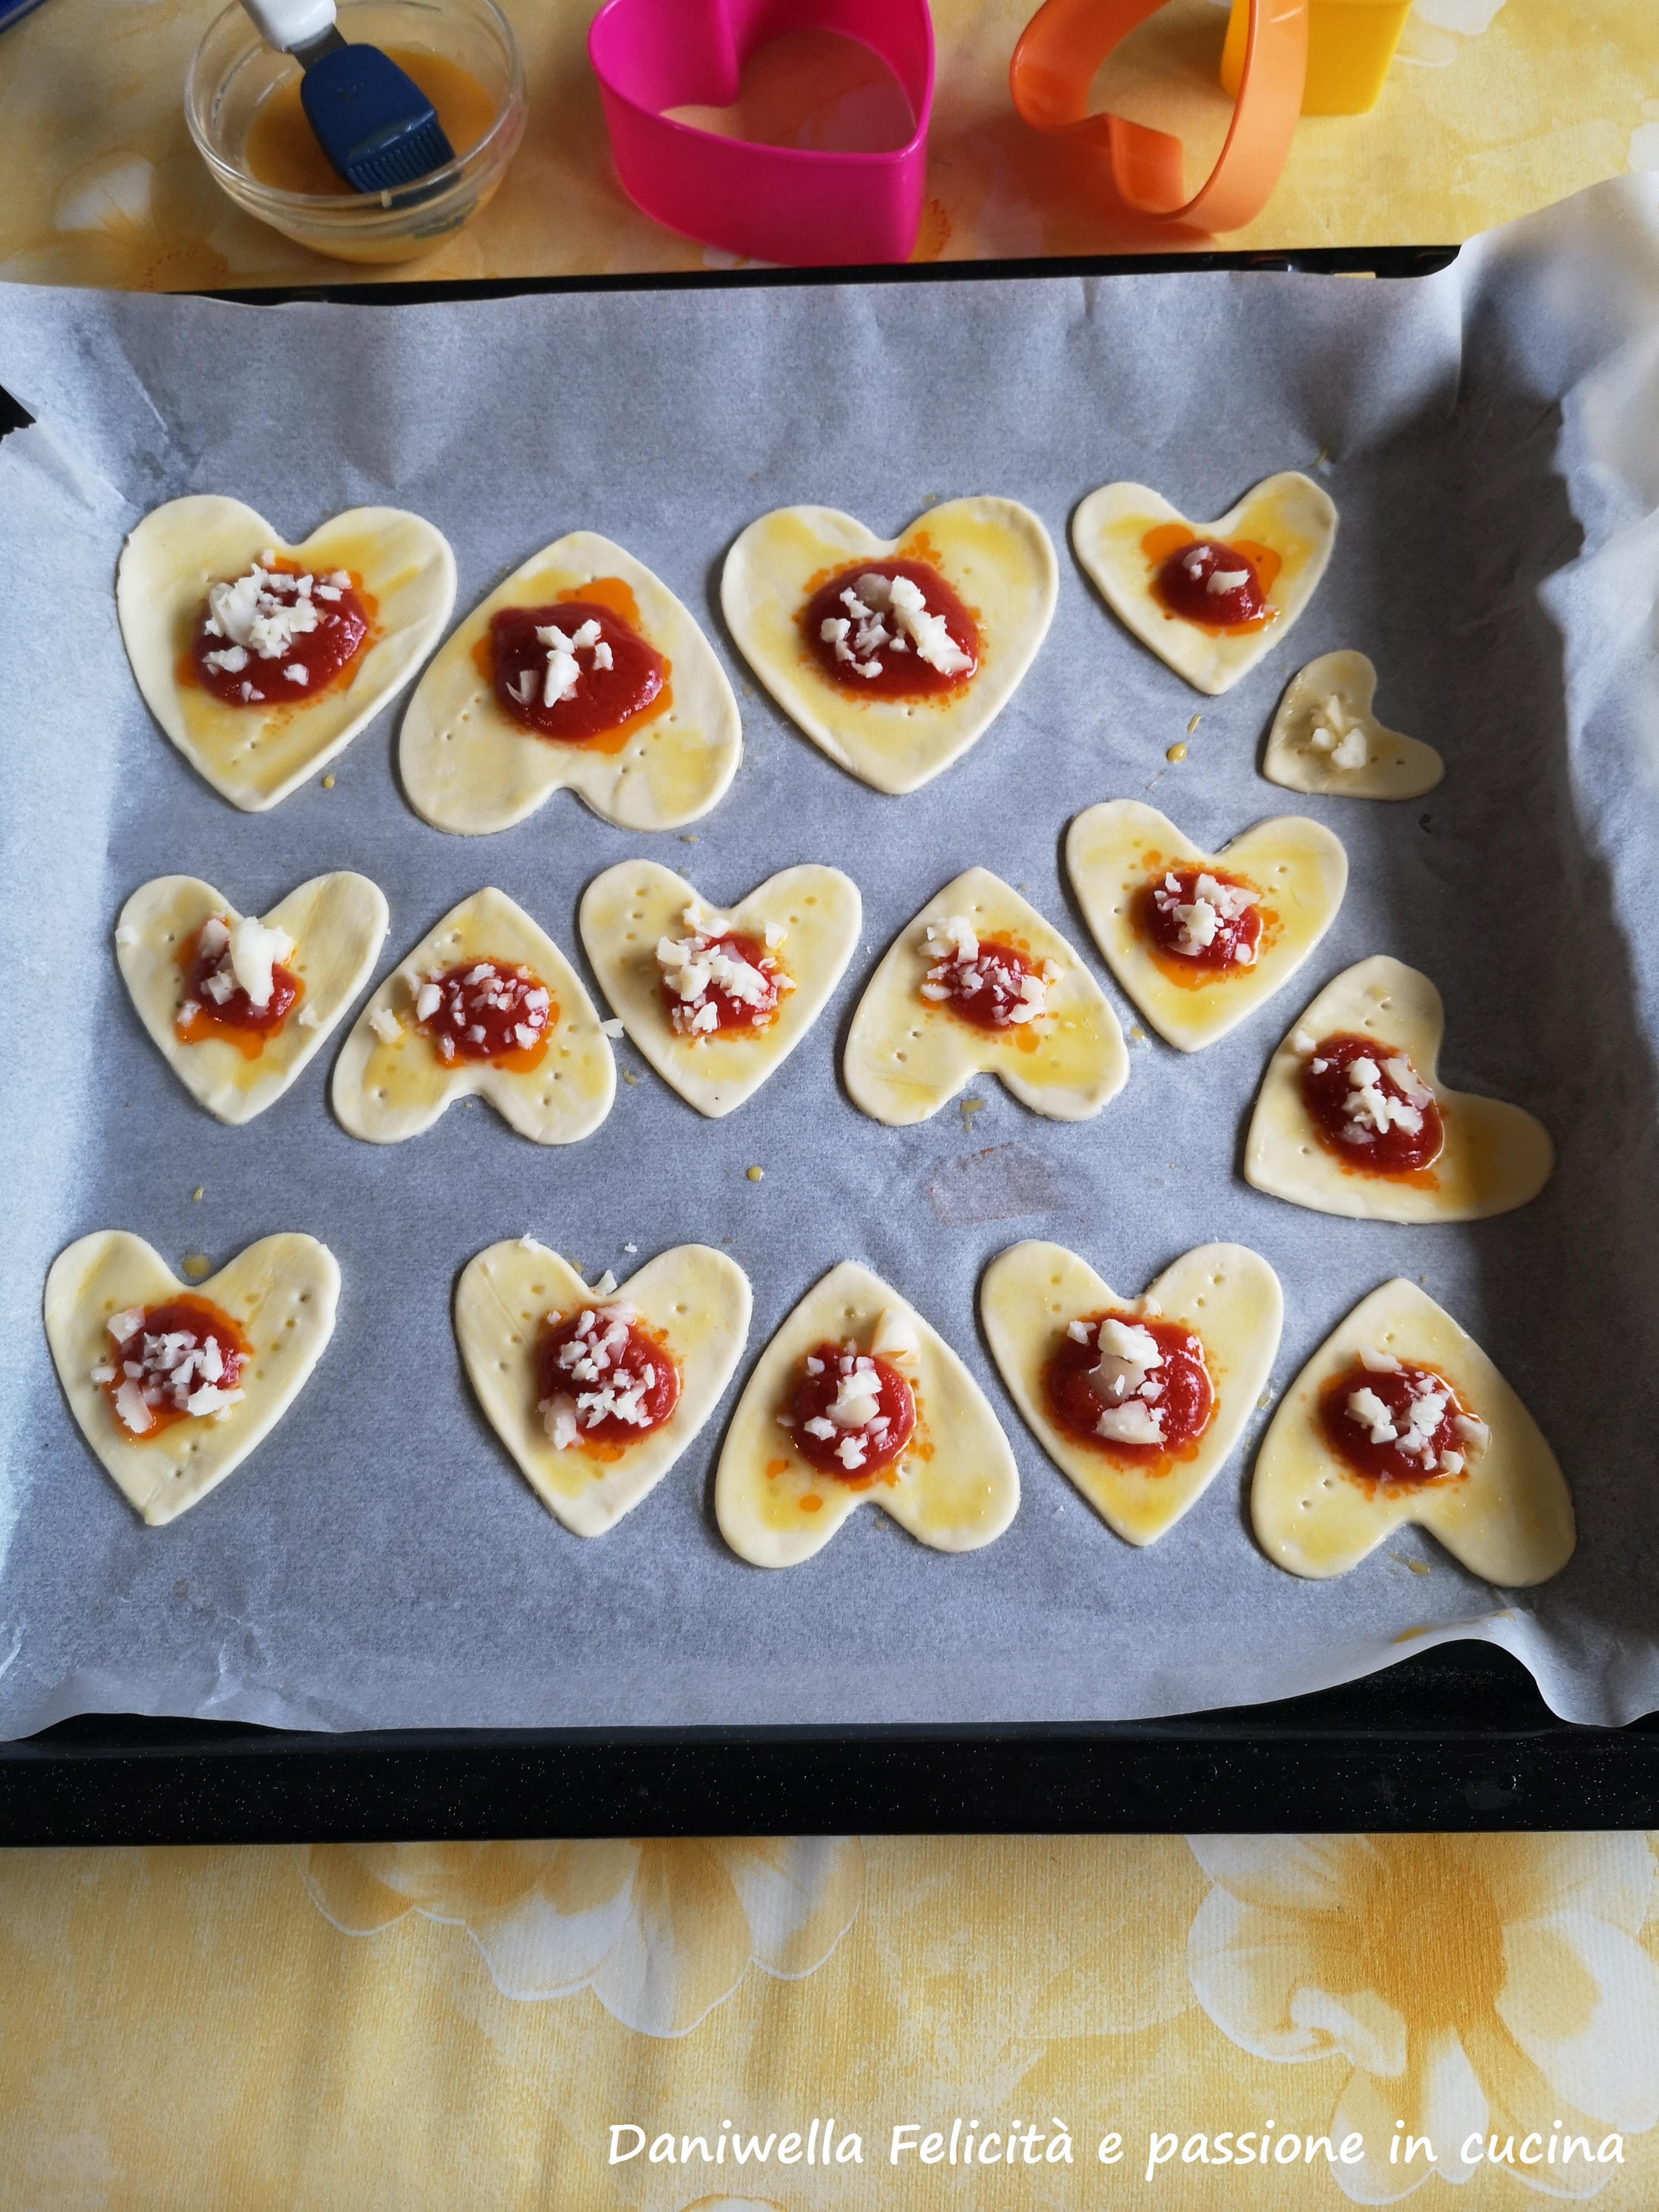 Su ogni cuore mettete 1 cucchiaino circa di passata di pomodoro e  i cubetti di formaggio.